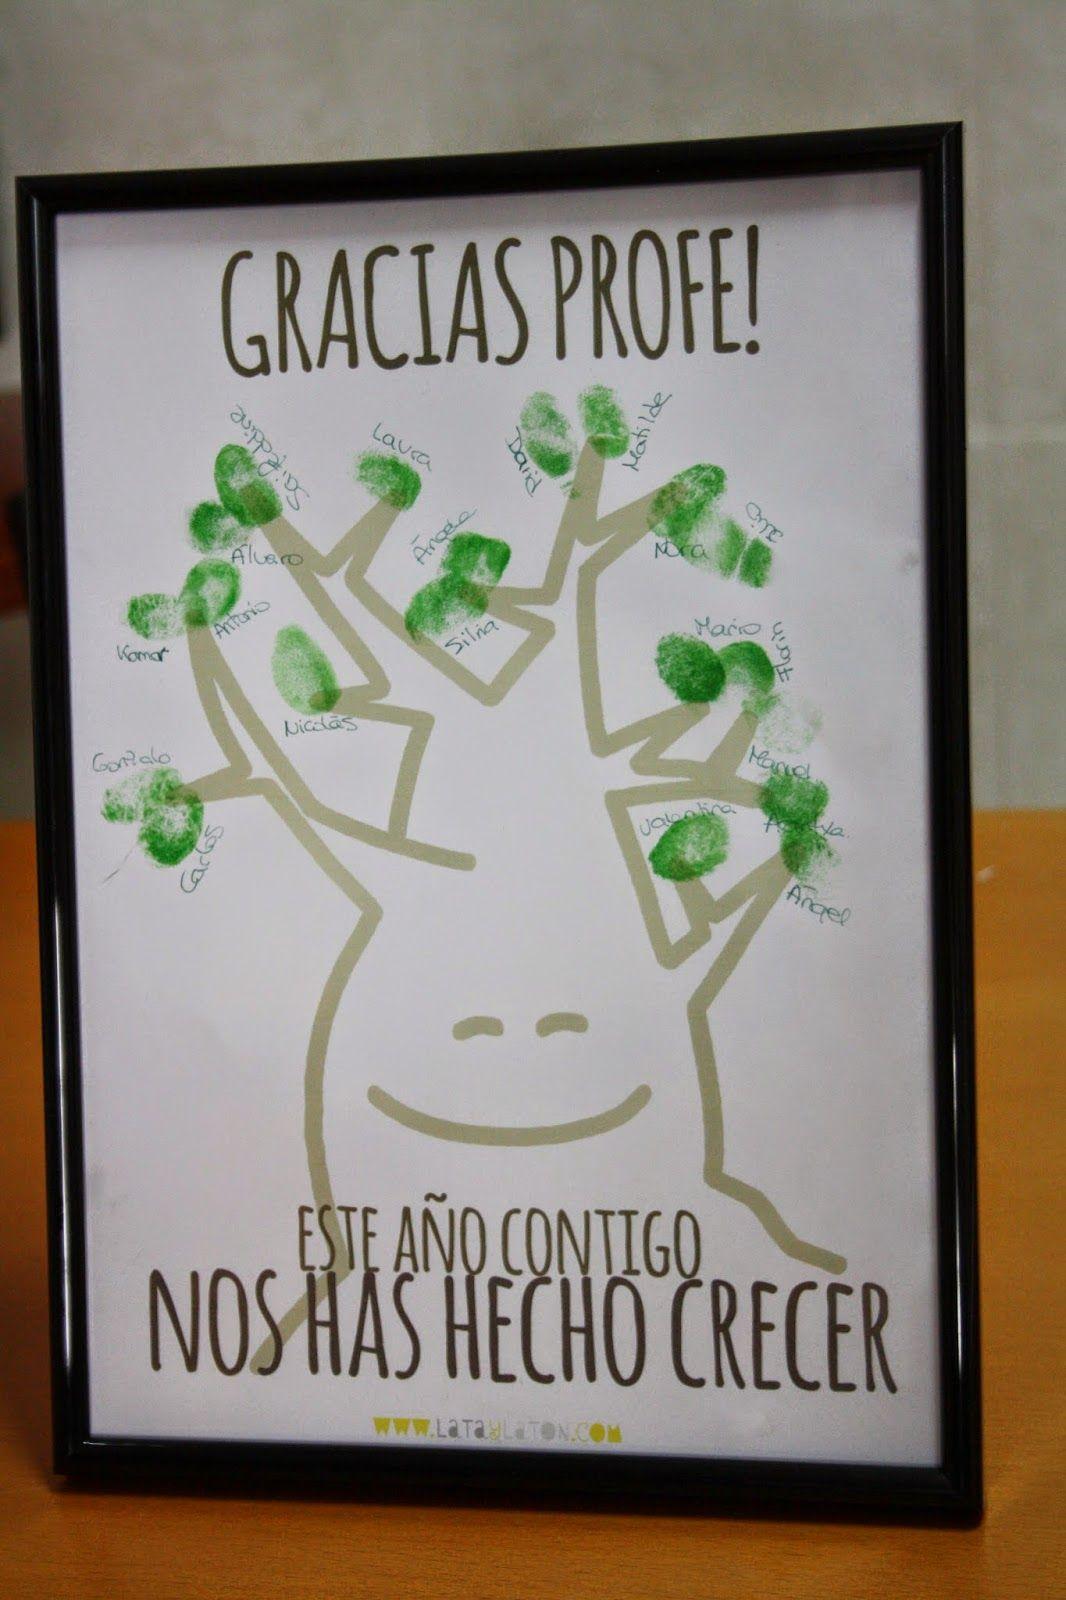 La tropa completa regalos para profesores una idea - Dibujos infantiles originales ...